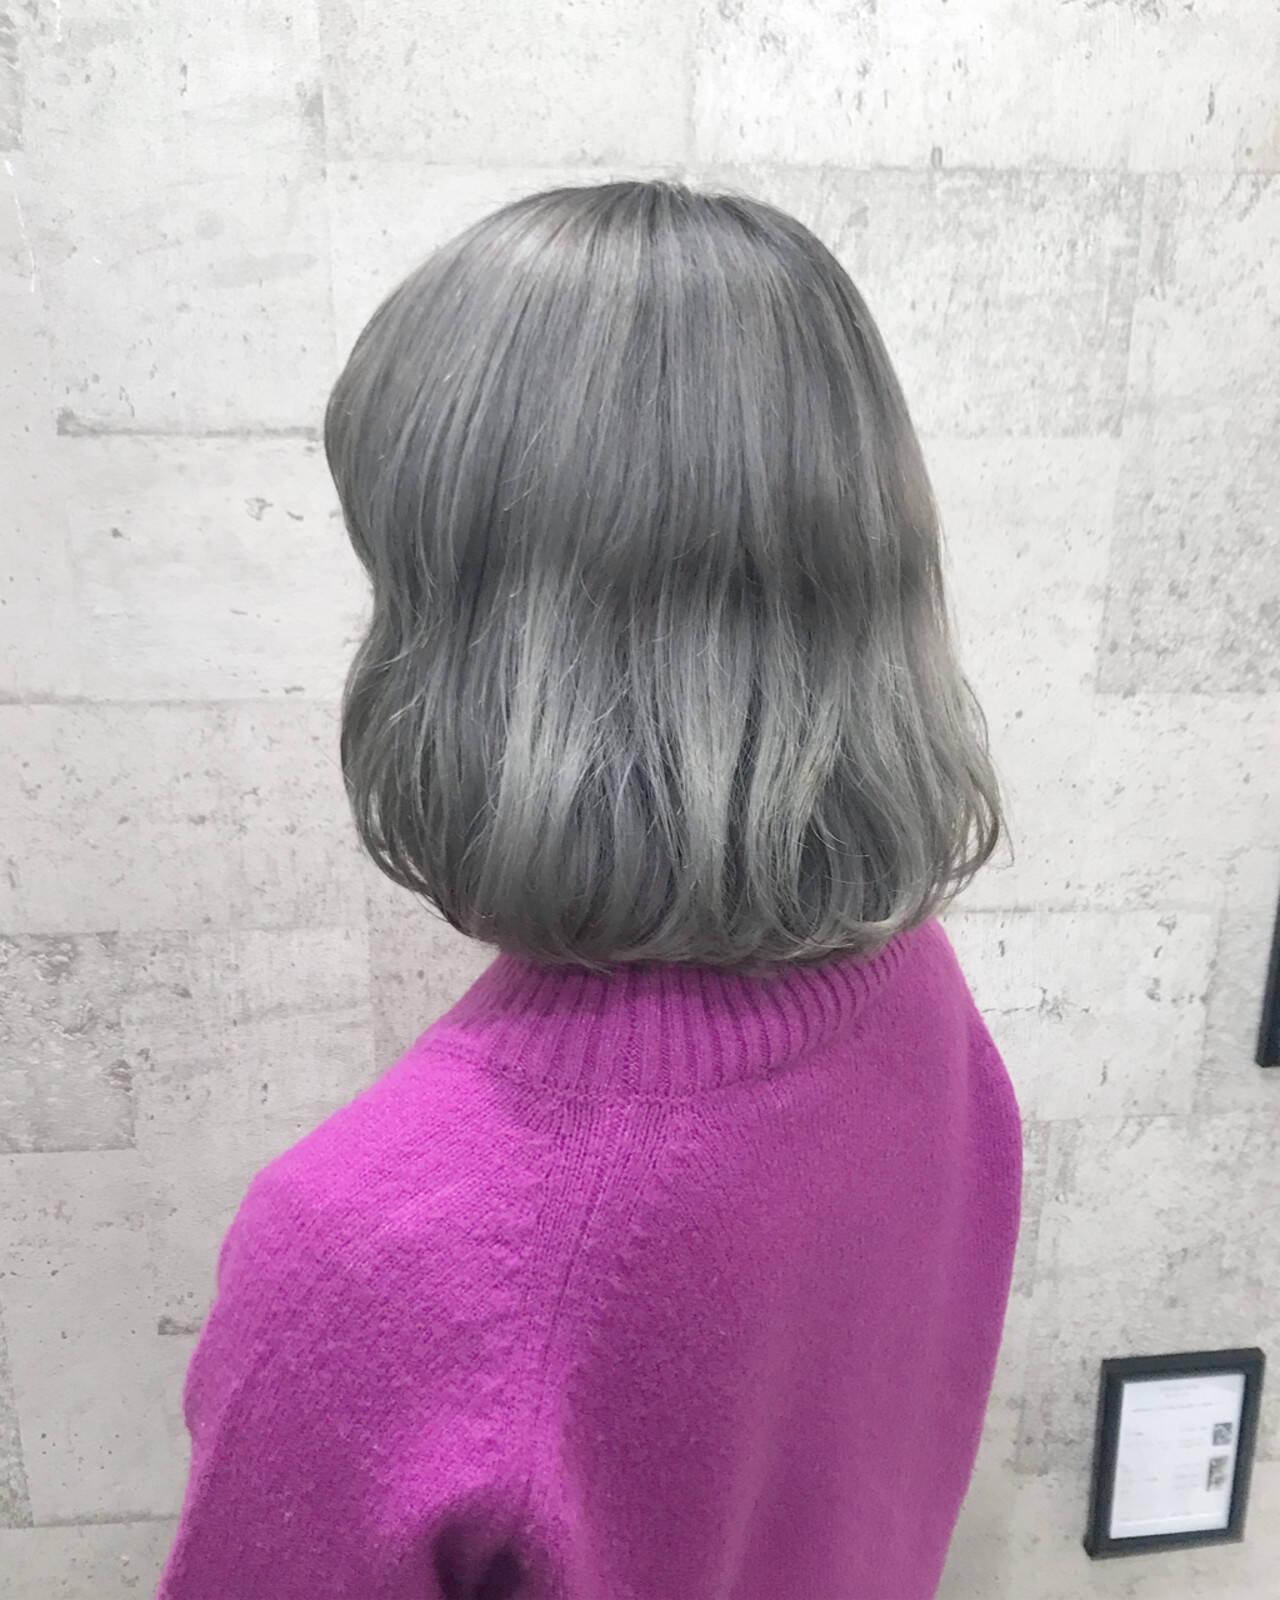 ダブルカラー ボブ ストリート ブリーチヘアスタイルや髪型の写真・画像